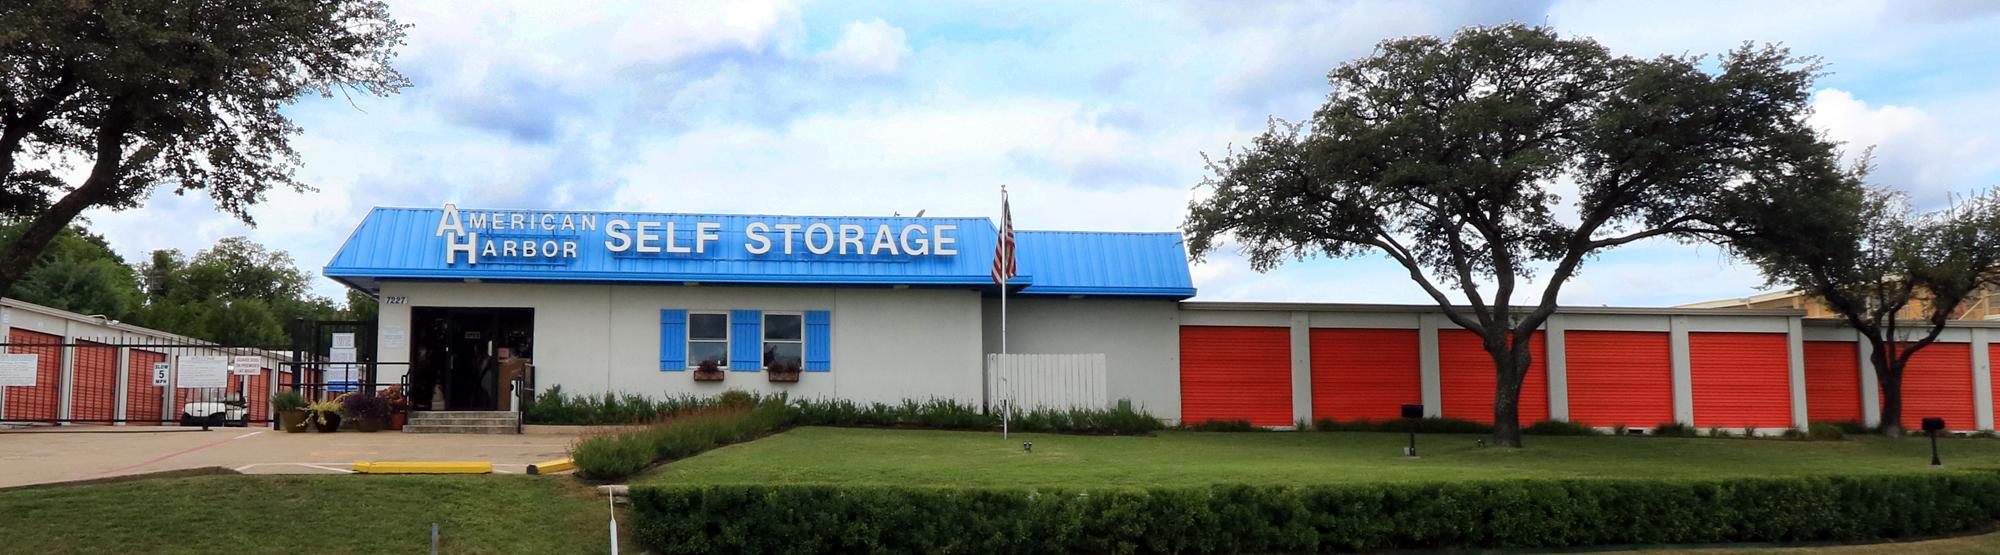 Self Storage near me